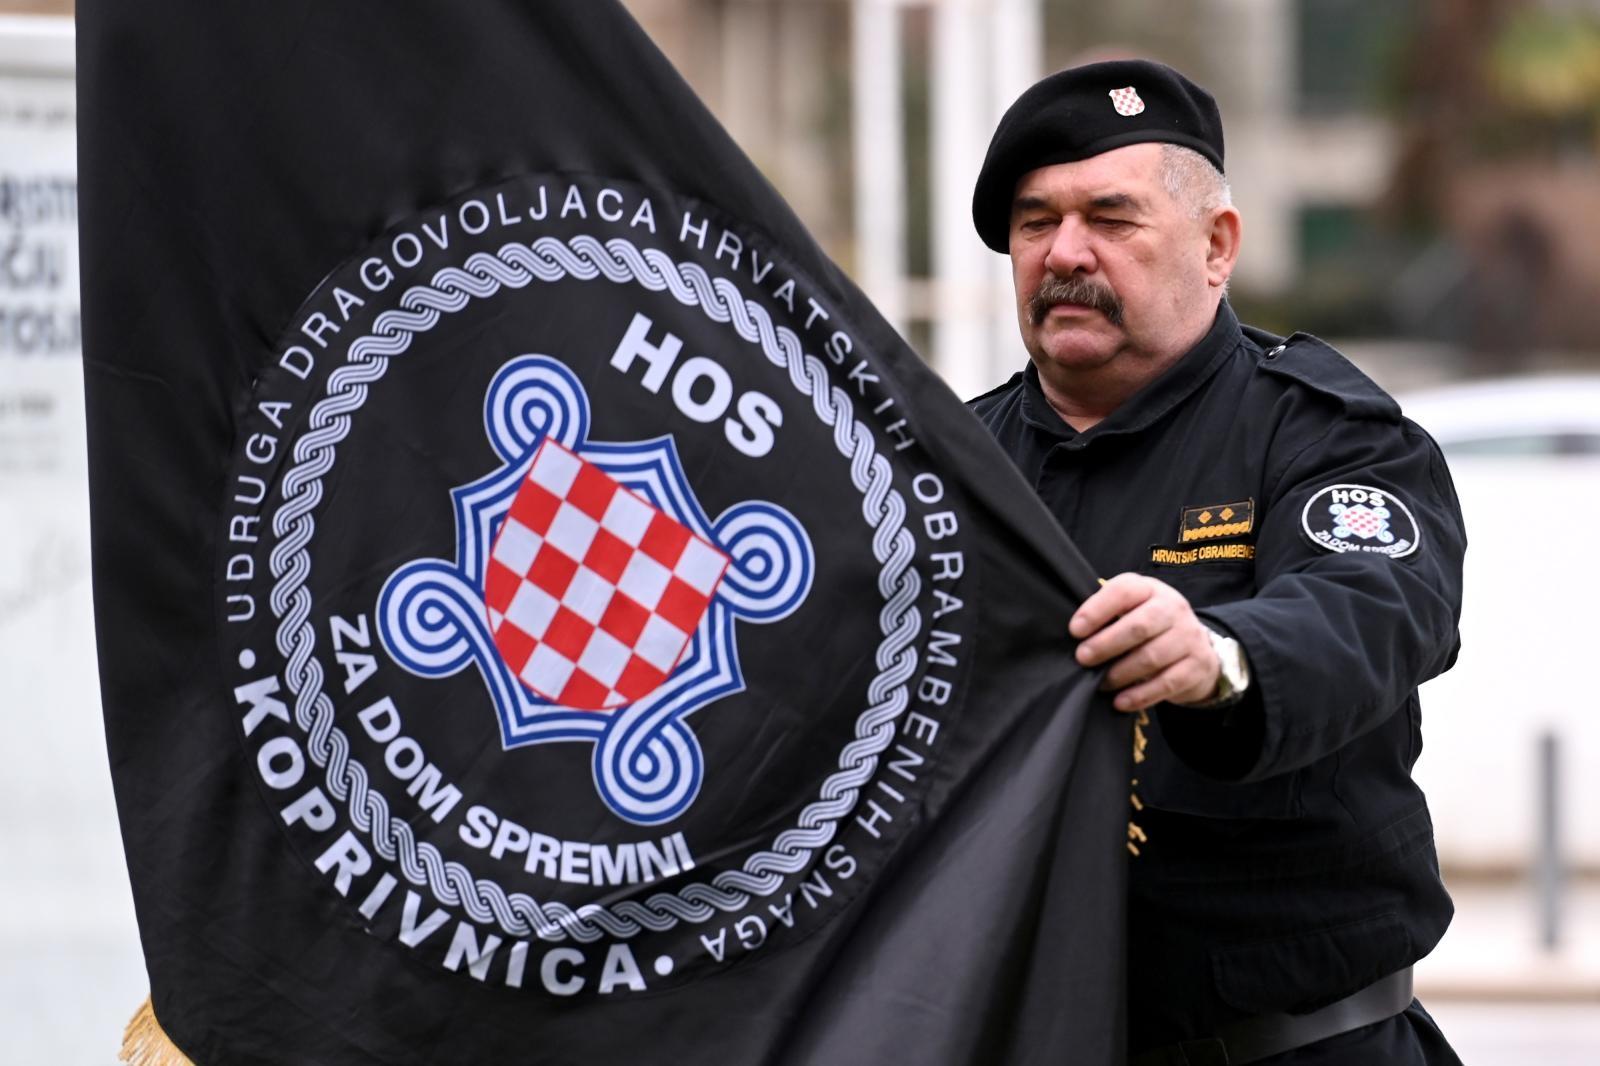 HOS-ovci poručili Milanoviću: 'Ni četnici nam nisu uzeli ratnu zastavu, a  nećete ni vi' | Telegram.hr